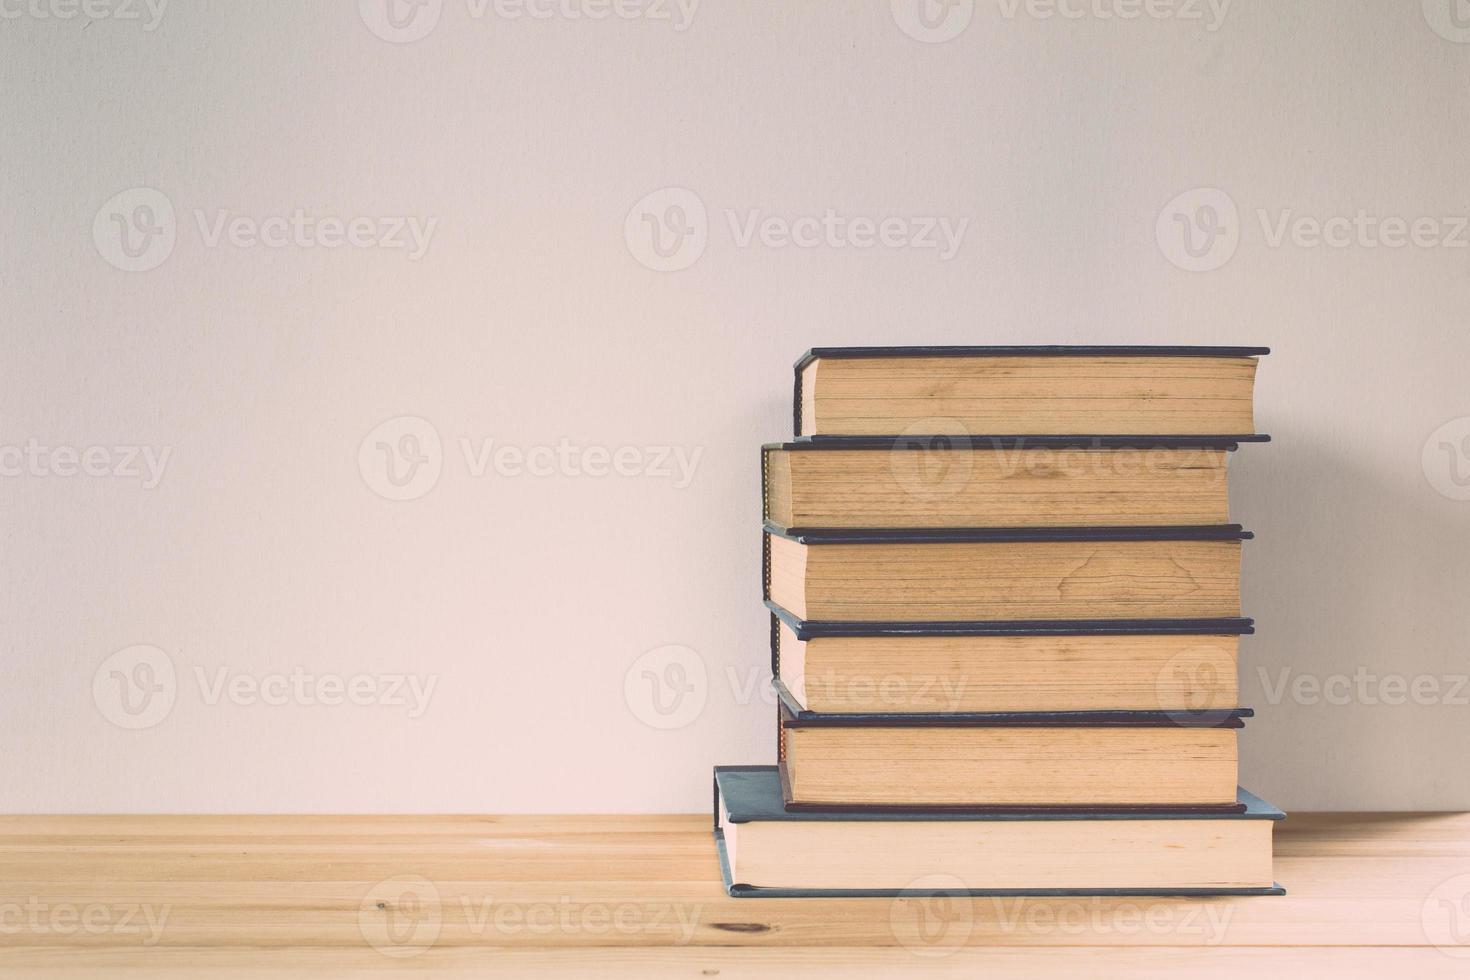 vintage ton av böcker på träbord foto